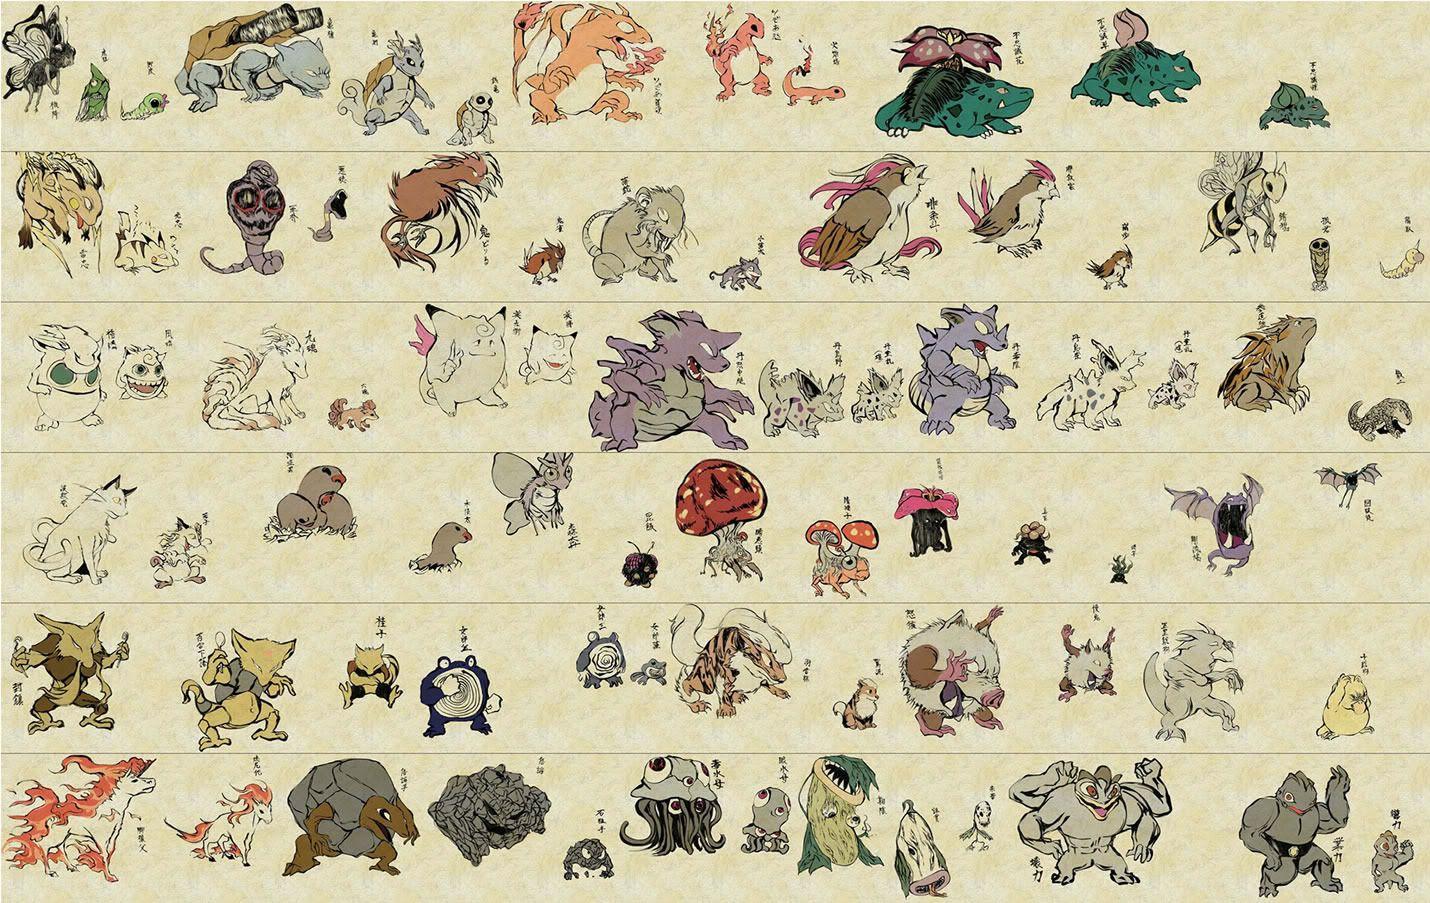 1430x903 Traditional Japanese Style Pokemon Art Drawing Pickachu Charmander